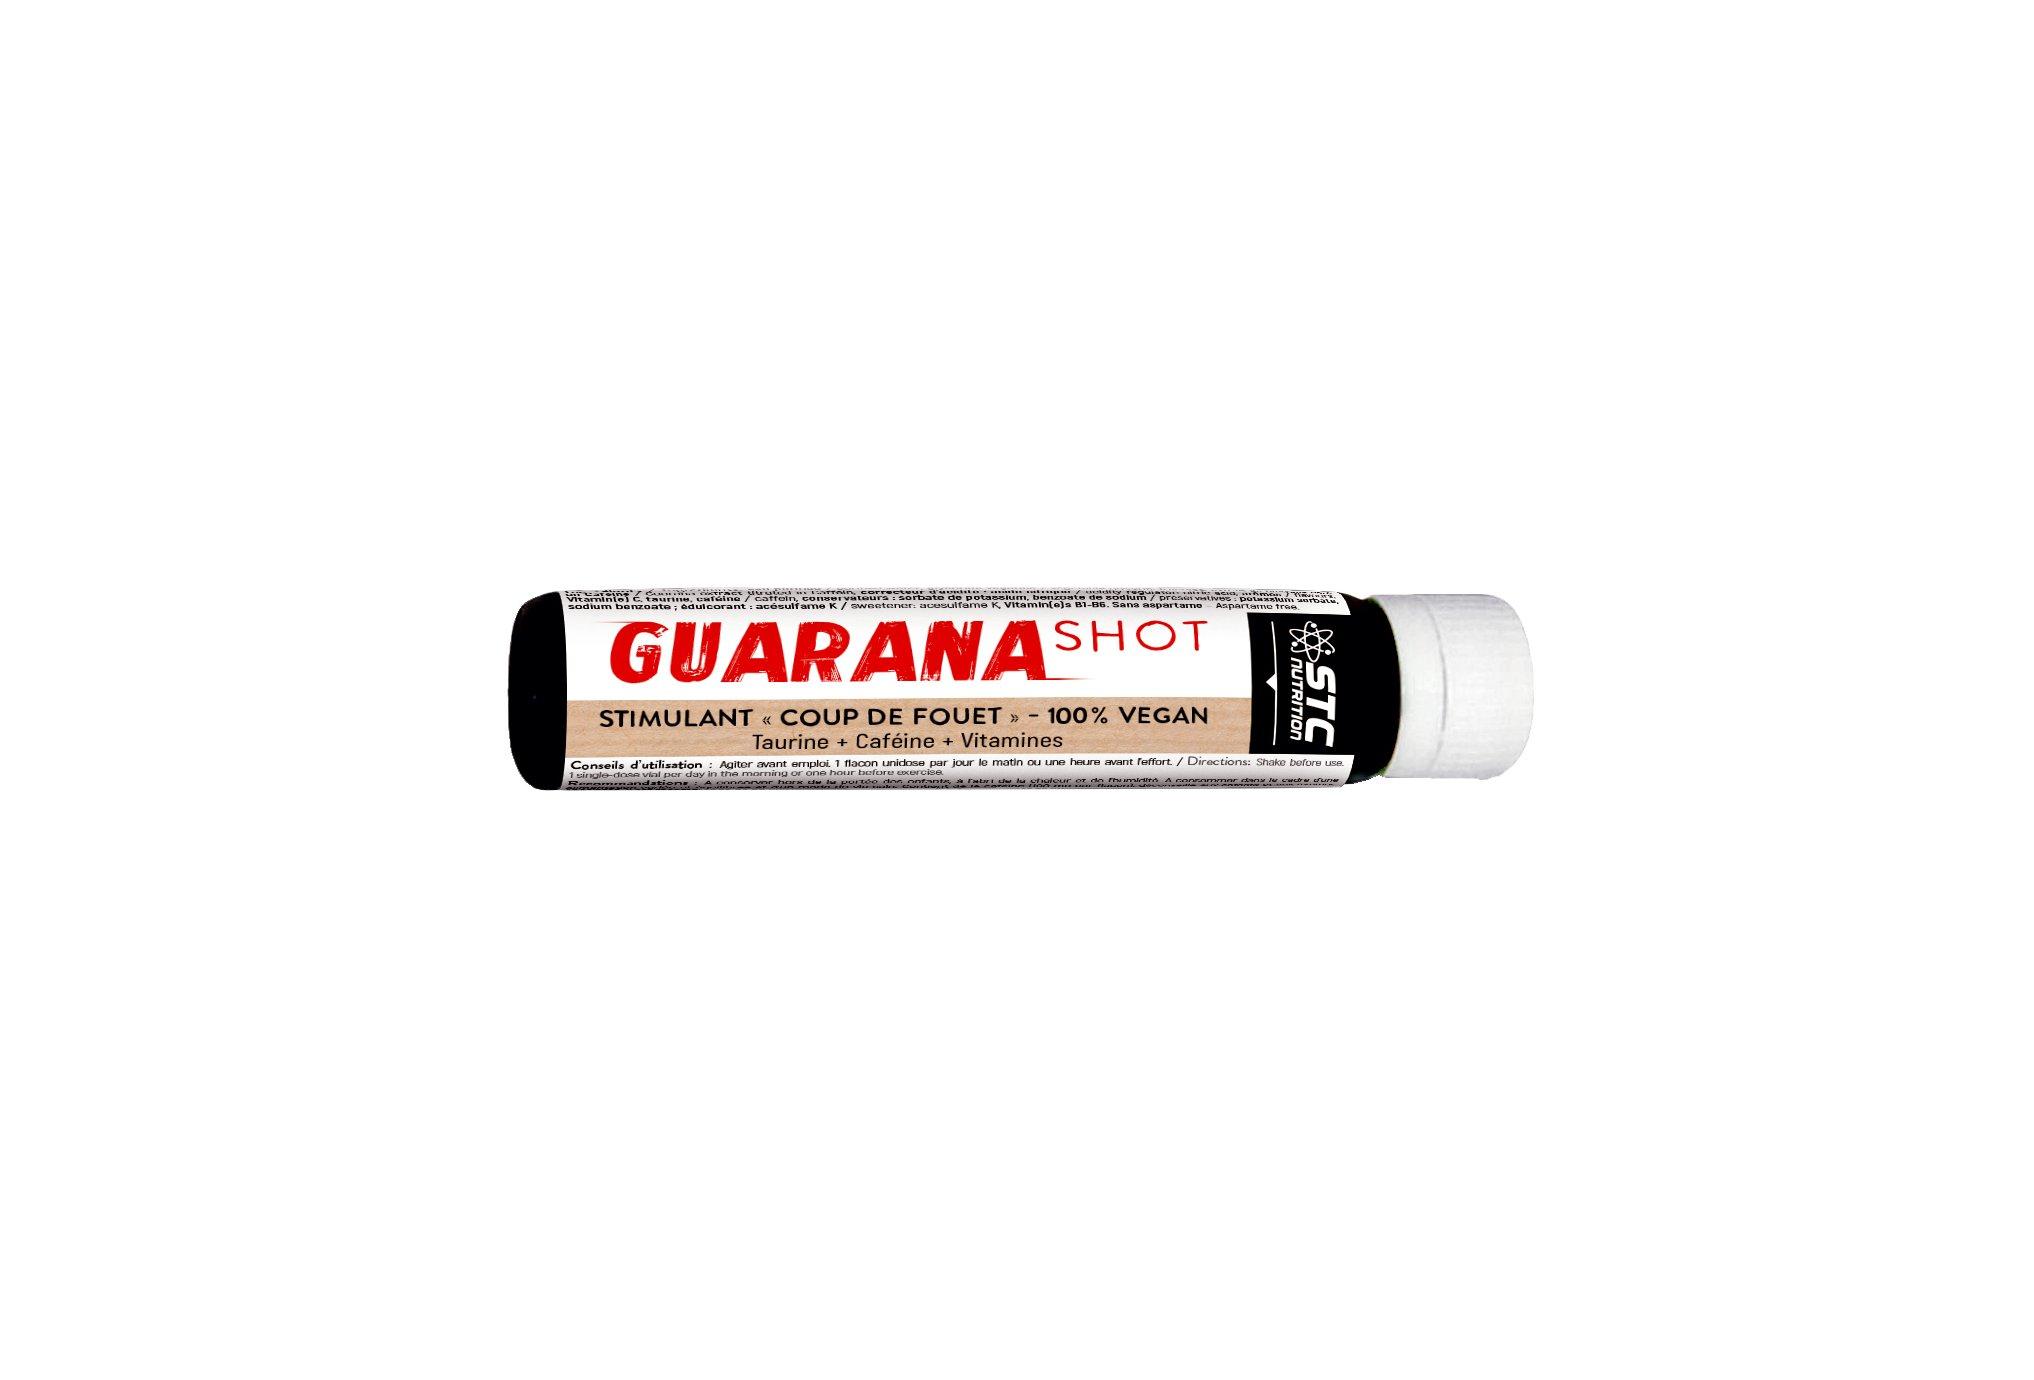 STC Nutrition Frasco de Guaraná 25 ml Diététique Compléments